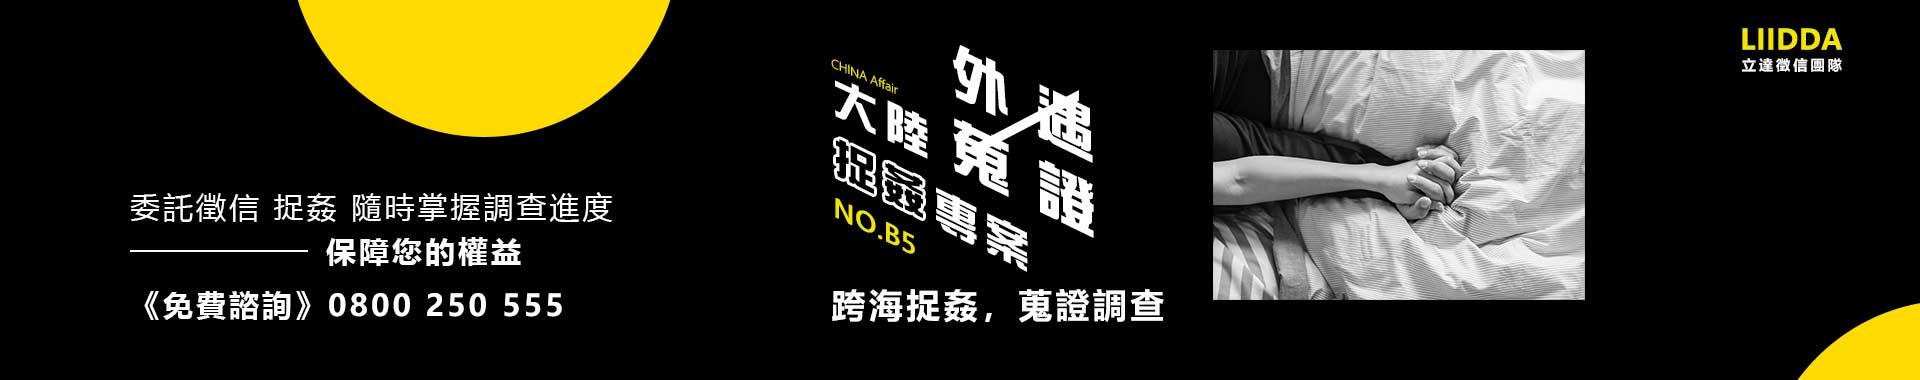 中國大陸捉姦